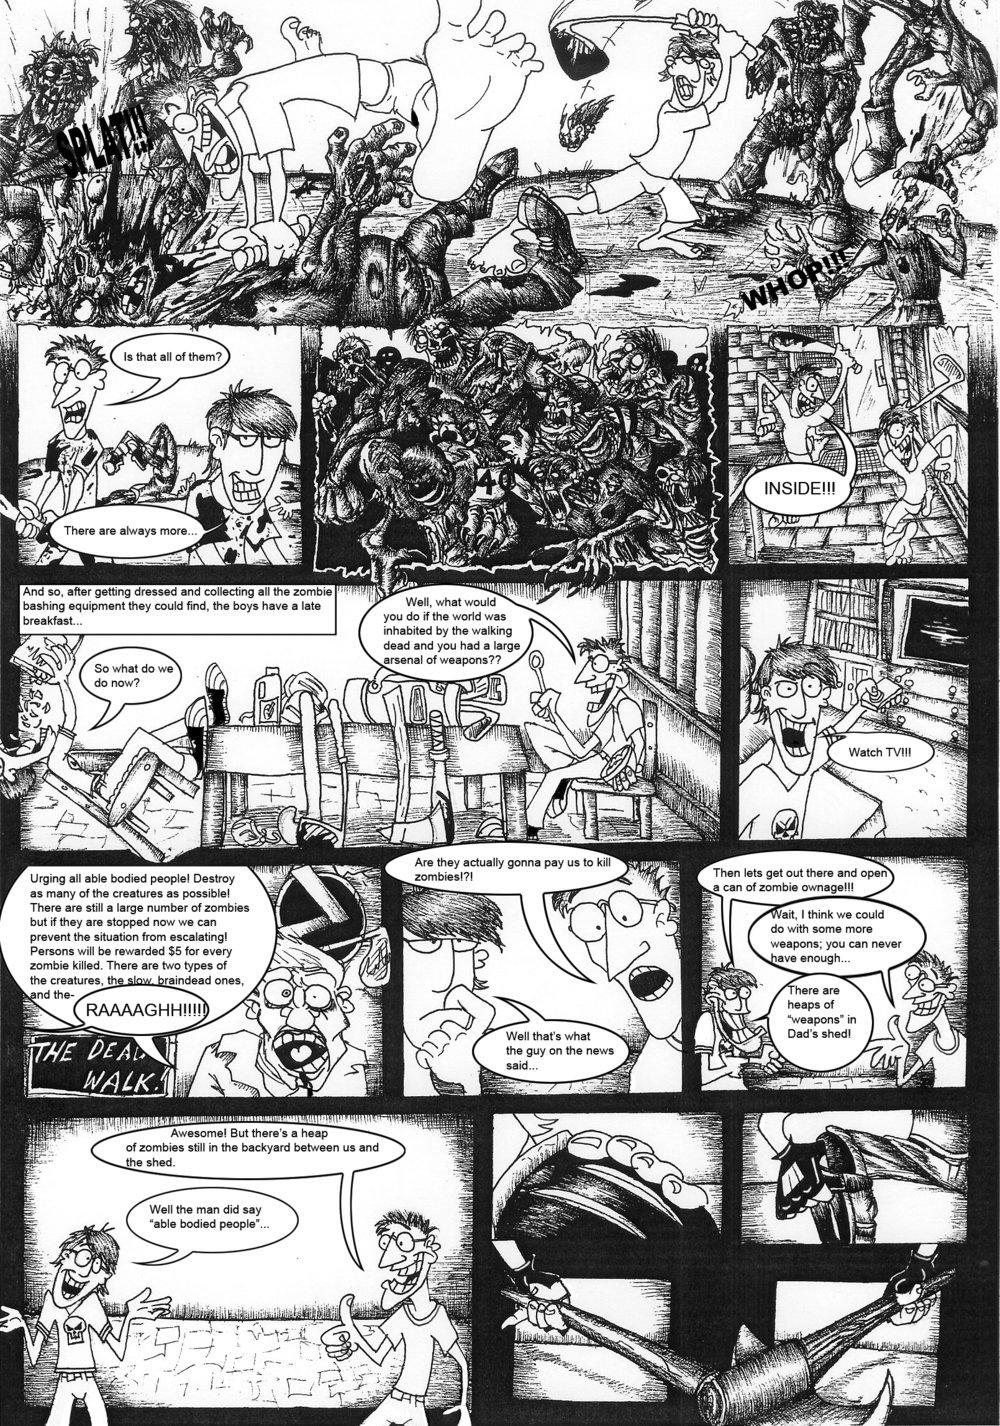 austen_of_the_dead_comic_pg_2_by_lordnetsua-dz2if5.jpg